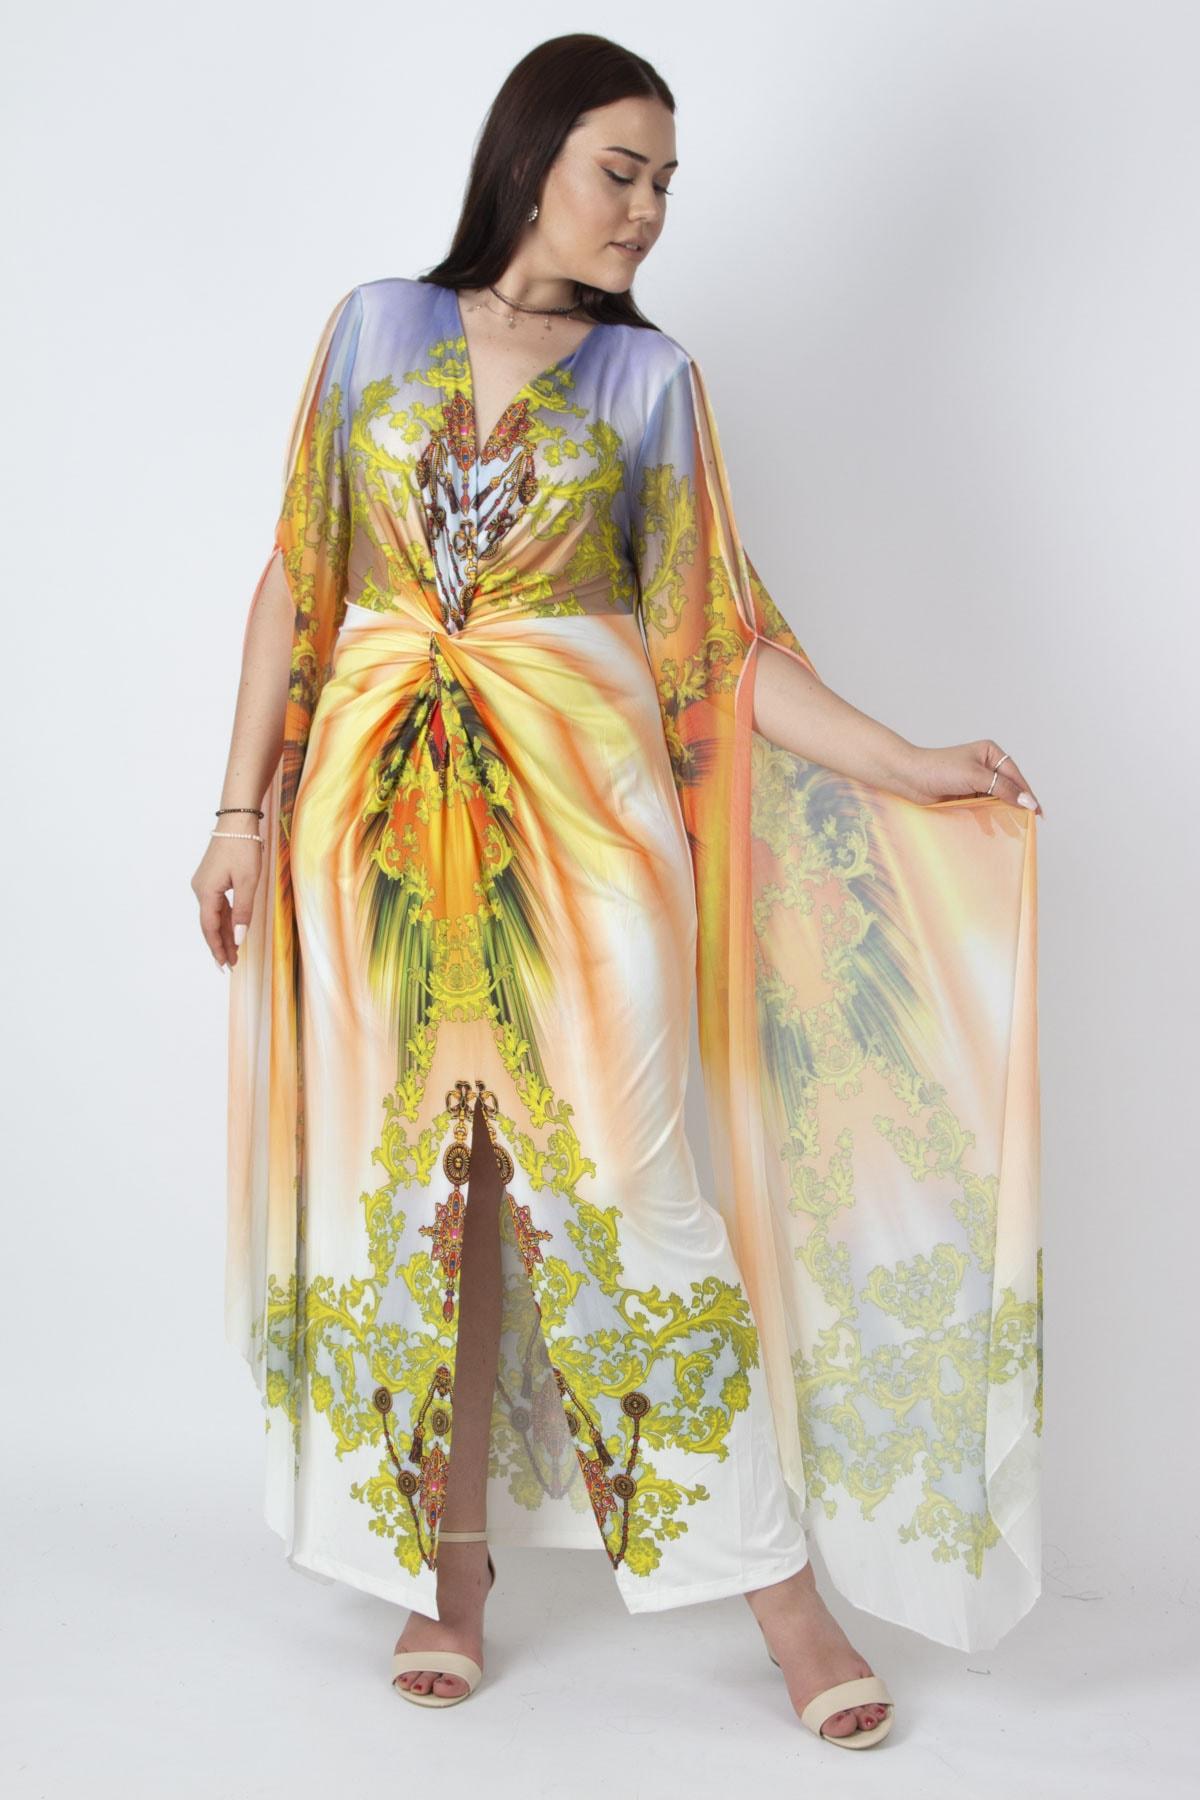 Şans Kadın Renkli Kolları Tül Detaylı Renkli Abiye Elbise 65N16788 2